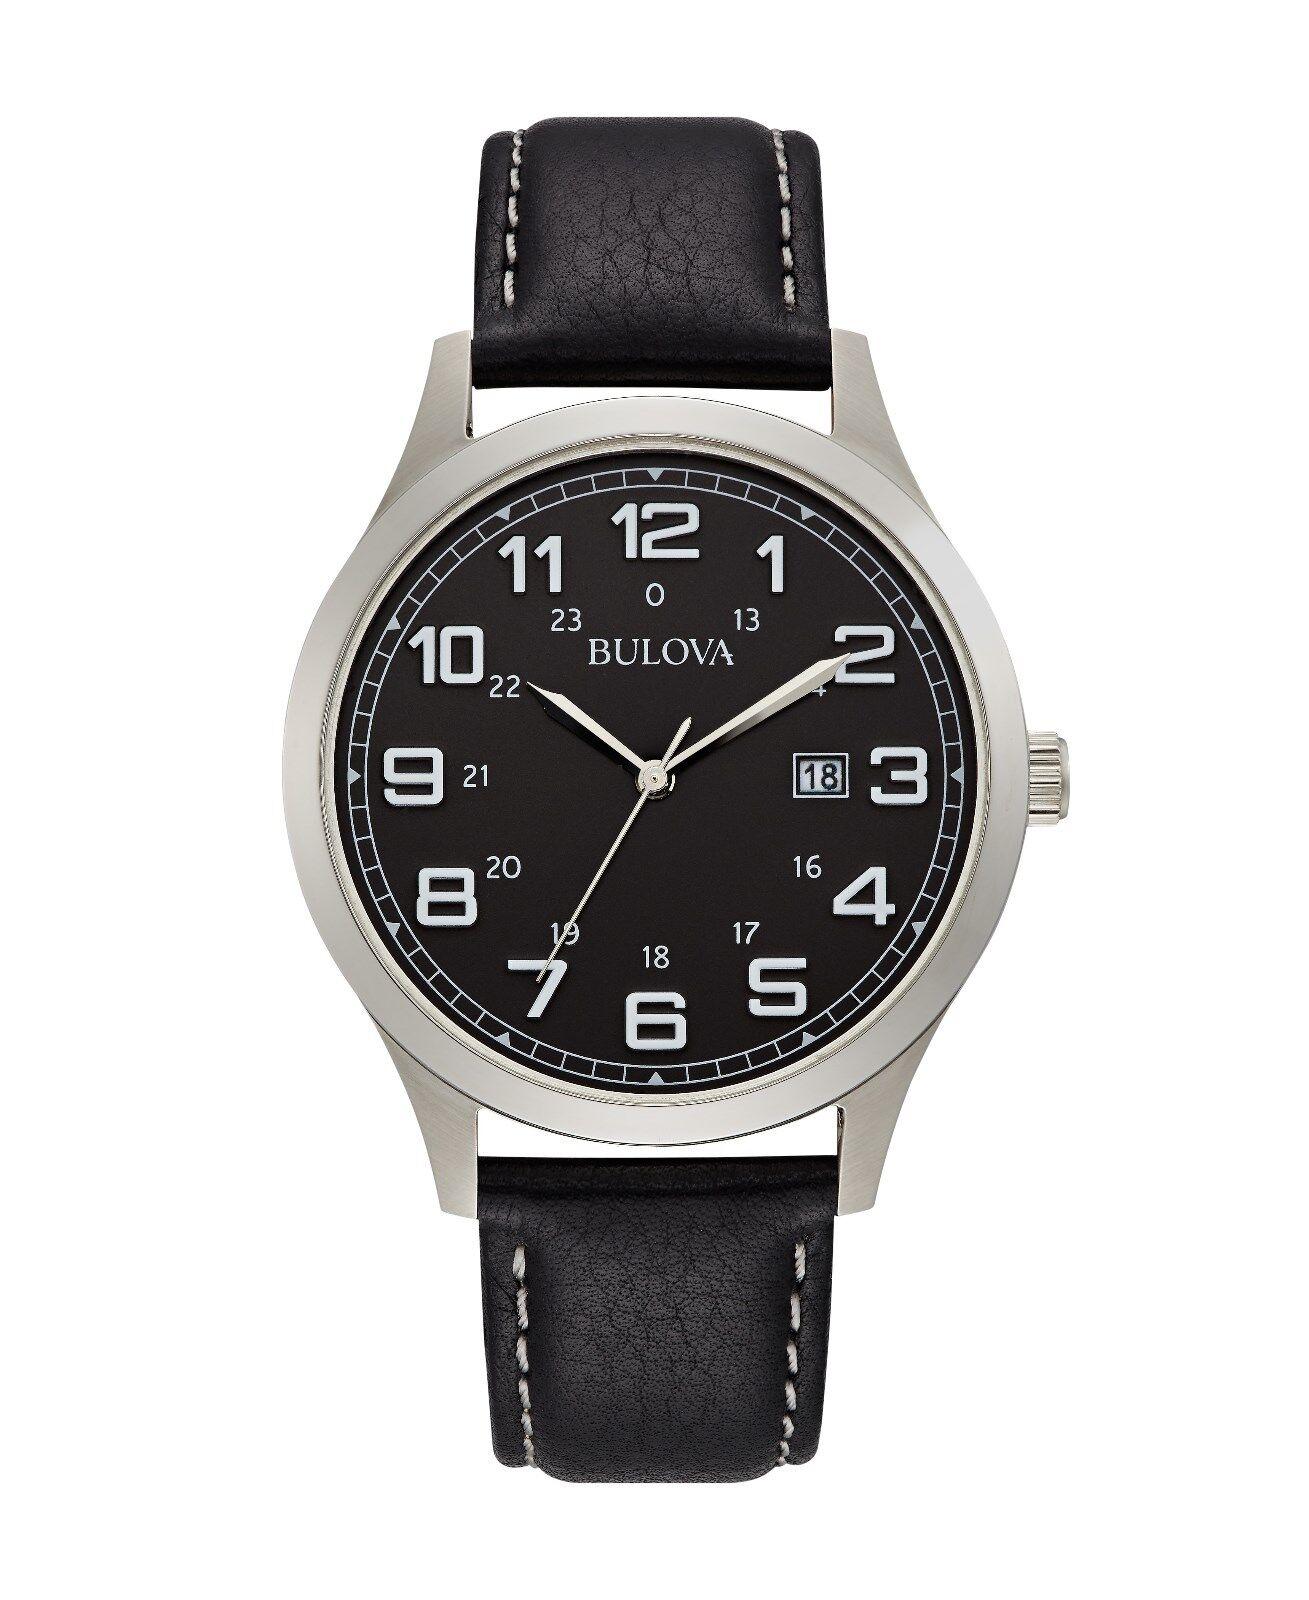 Bulova Men's Quartz Date Silver Tone Case Black Leather Strap 42mm Watch 96B276